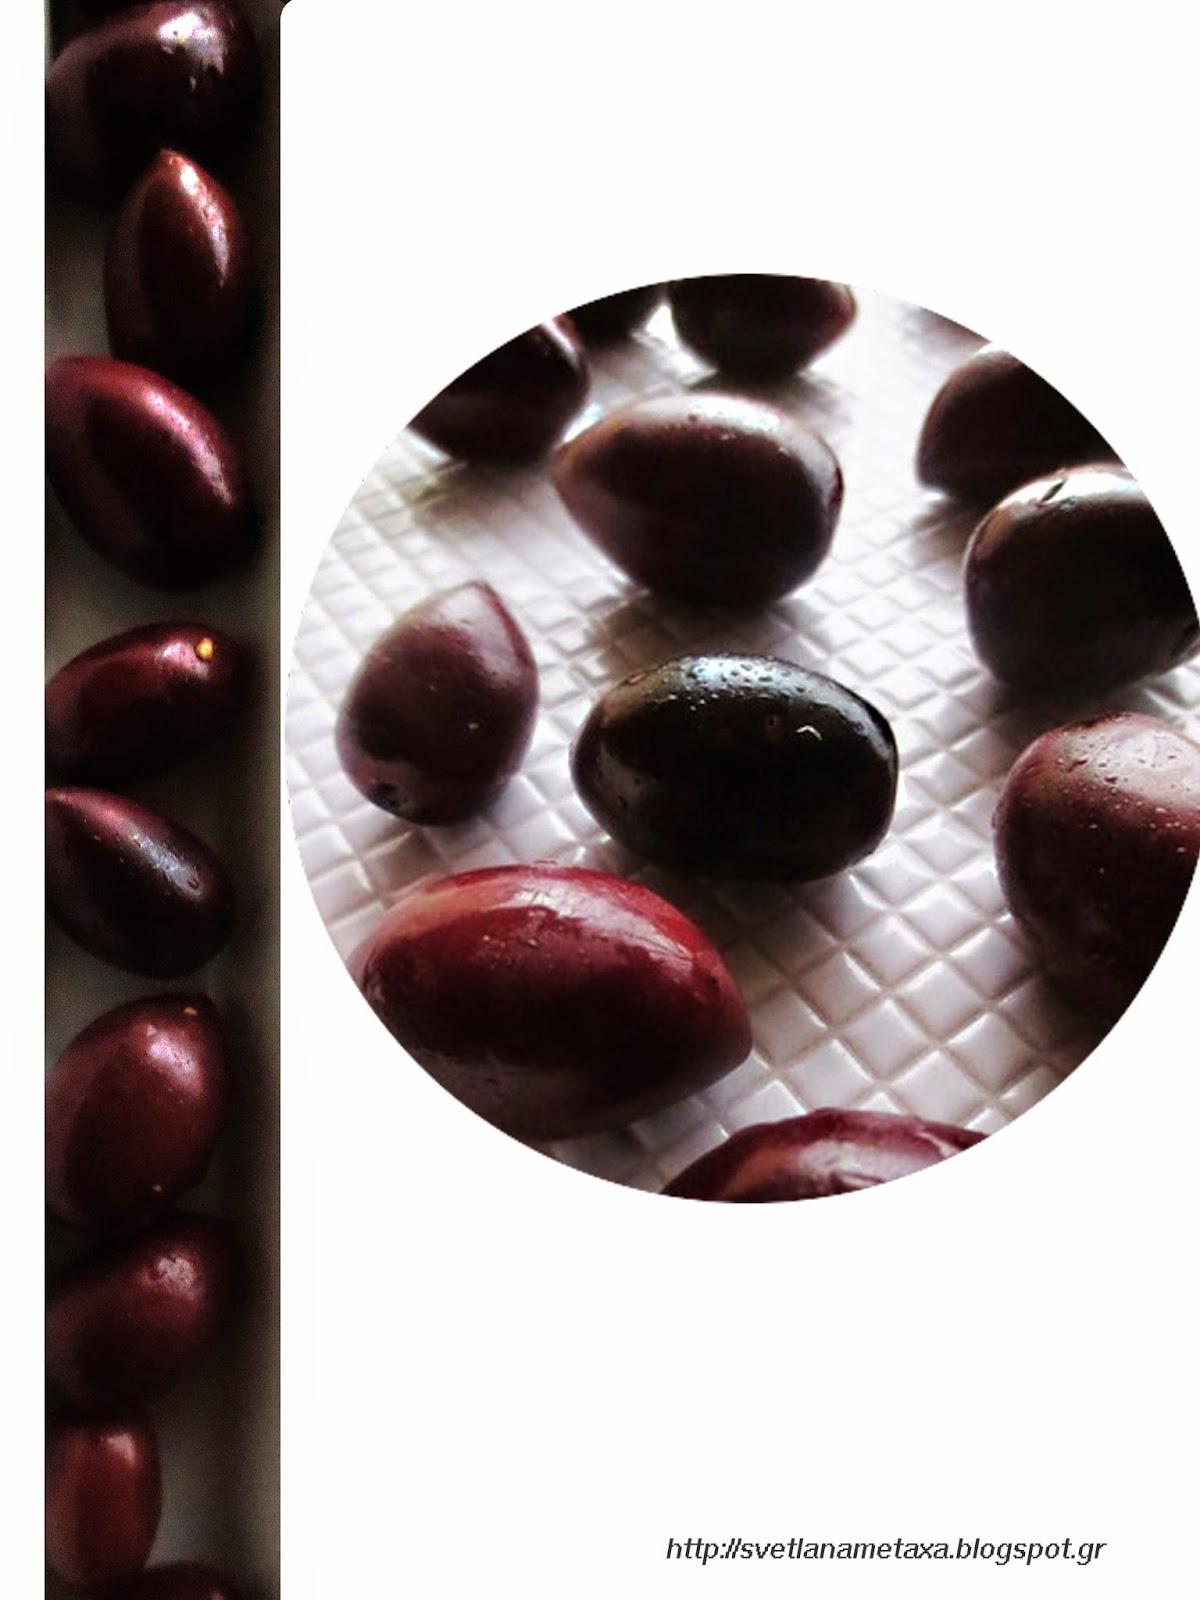 Маслины их приготовление в домашних условиях